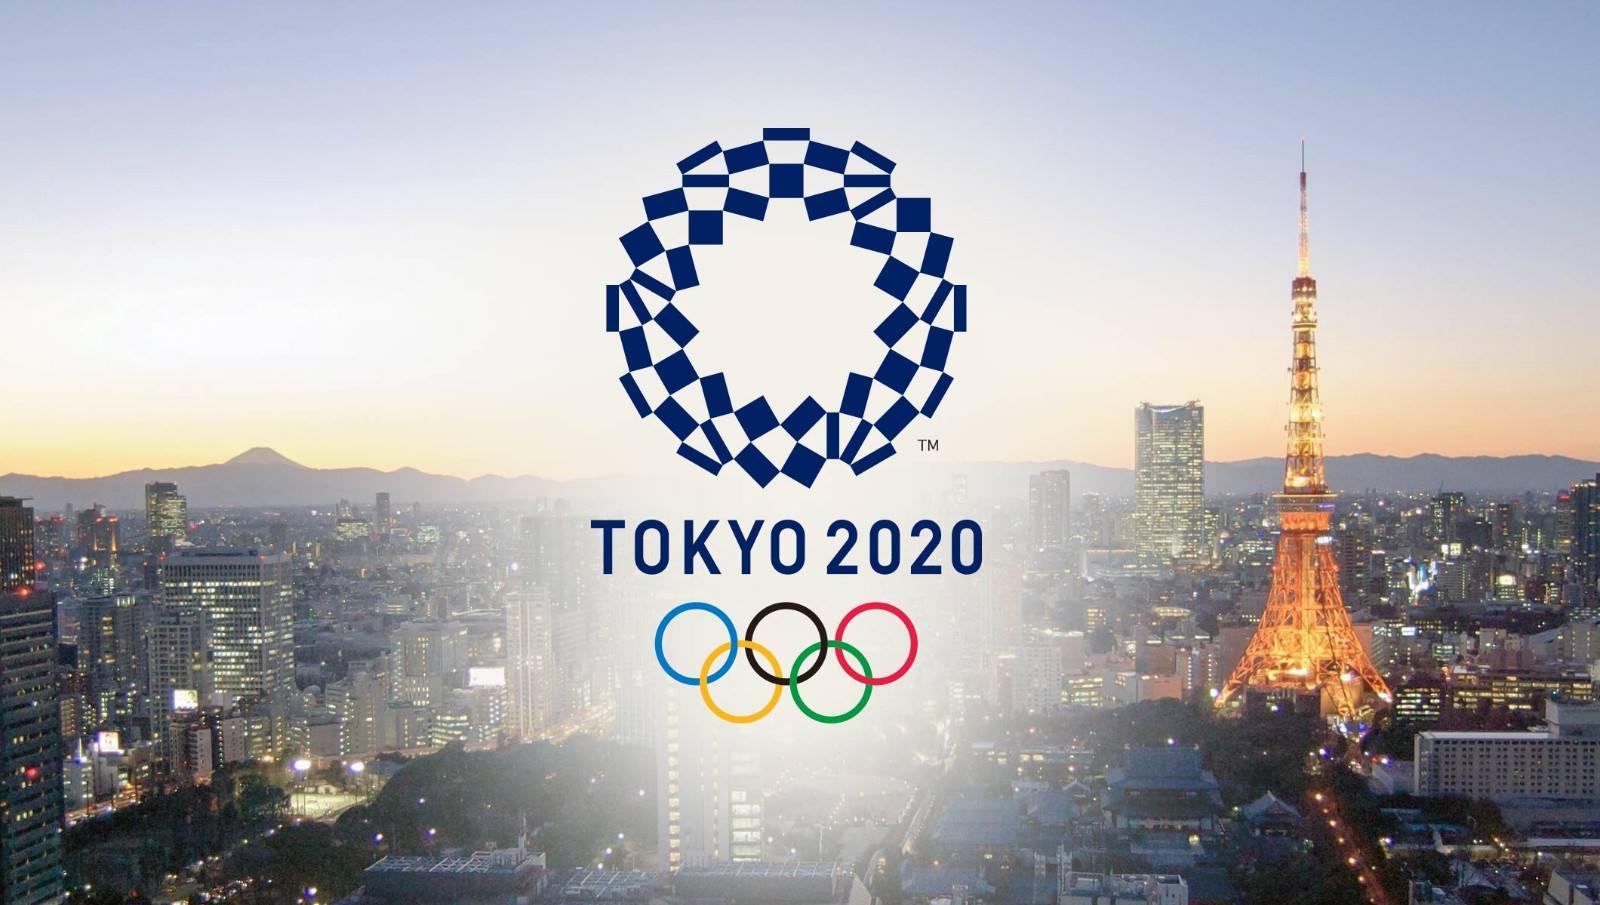 如果东京奥运延期至年底,会发生哪些意想不到的困难?_职业